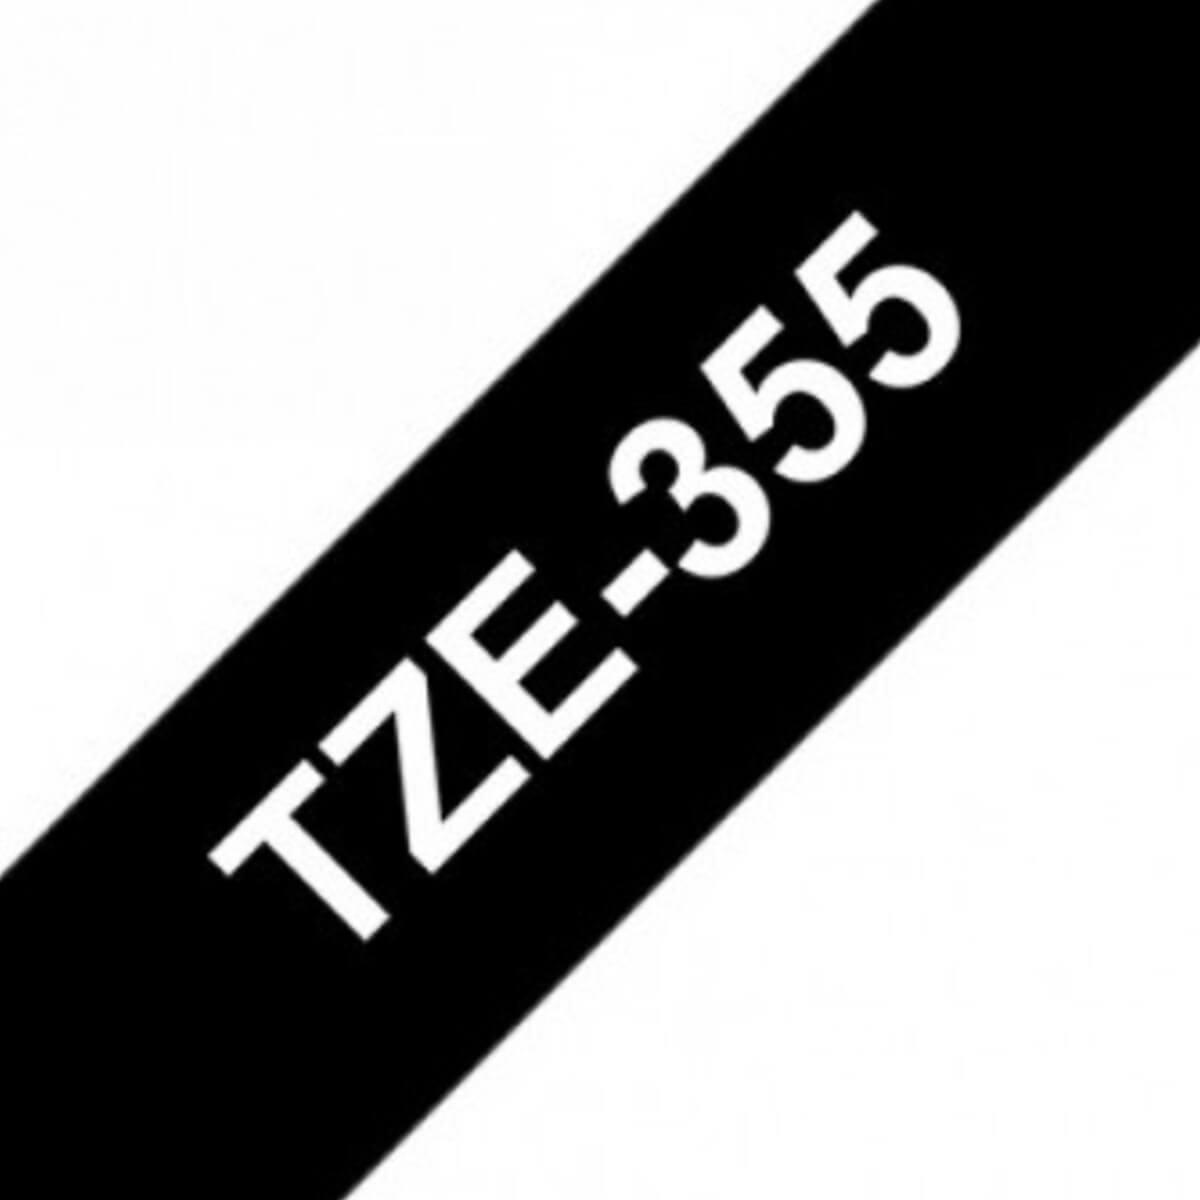 סרט לבן על רקע שחור 24 ממ TZE355